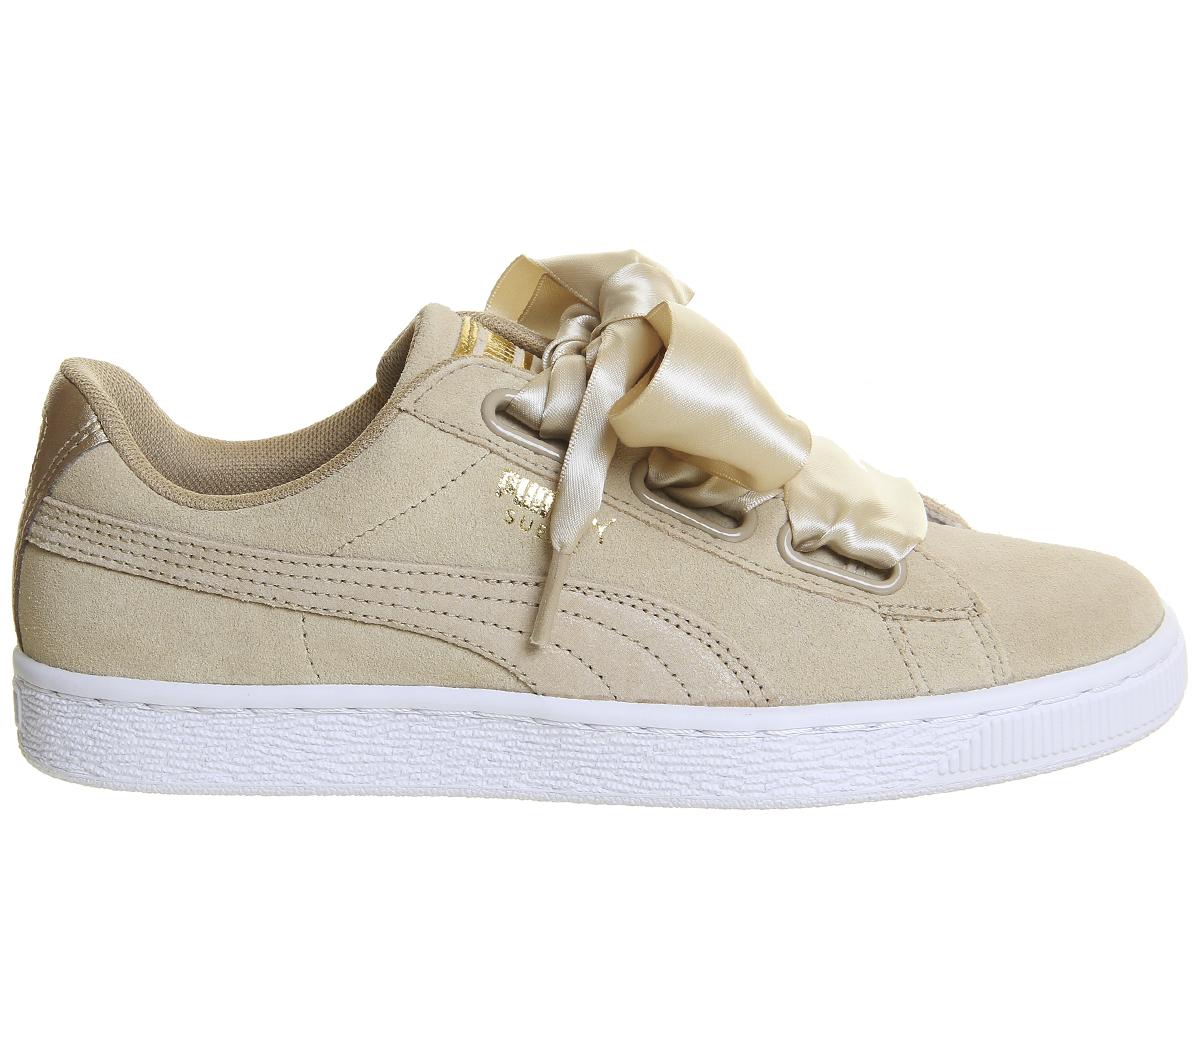 NUOVO Puma Basket Heart METALLIZZATO 364083 01 Donna Scarpe da Ginnastica Sneakers Sport Safari